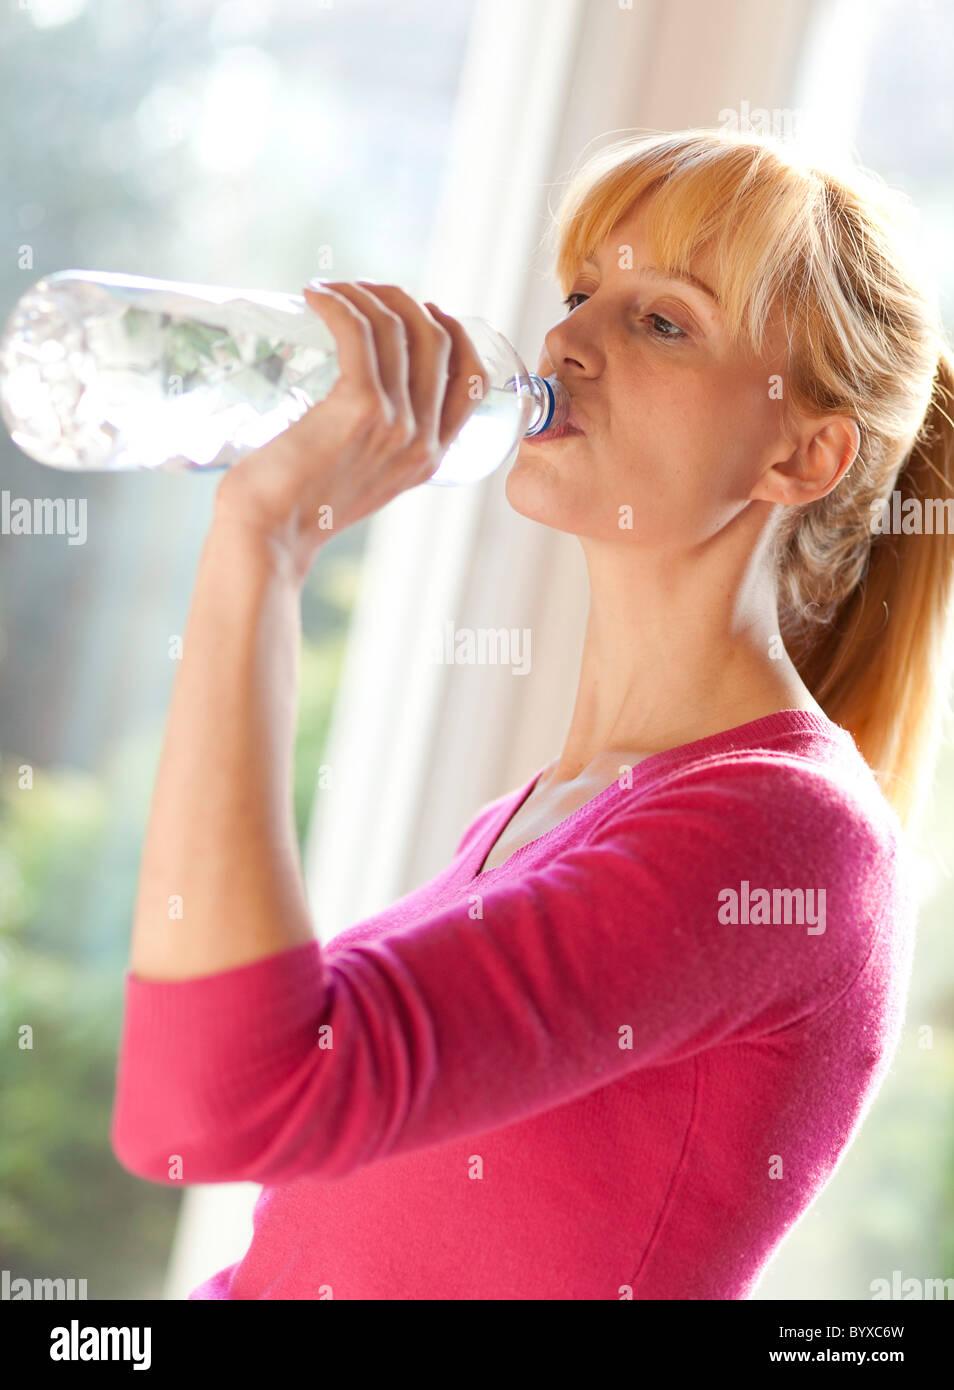 Femme buvant de l'eau en bouteille Photo Stock